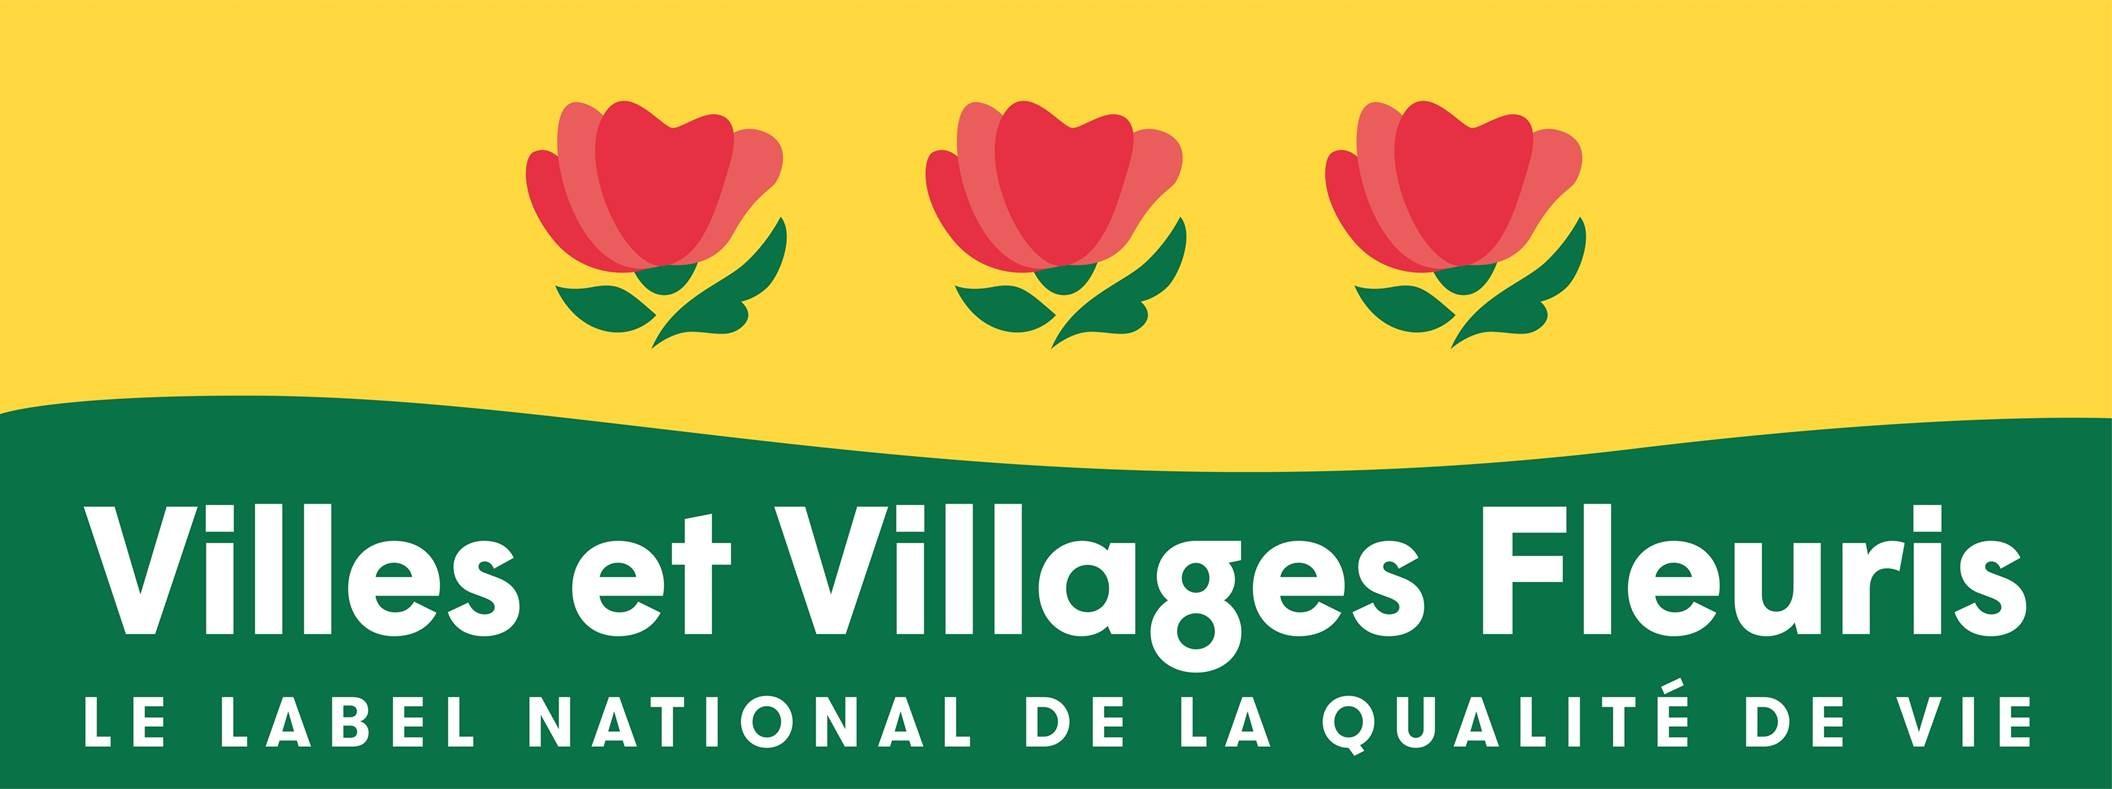 panneau-ville-fleurie-visuel-3fleurs